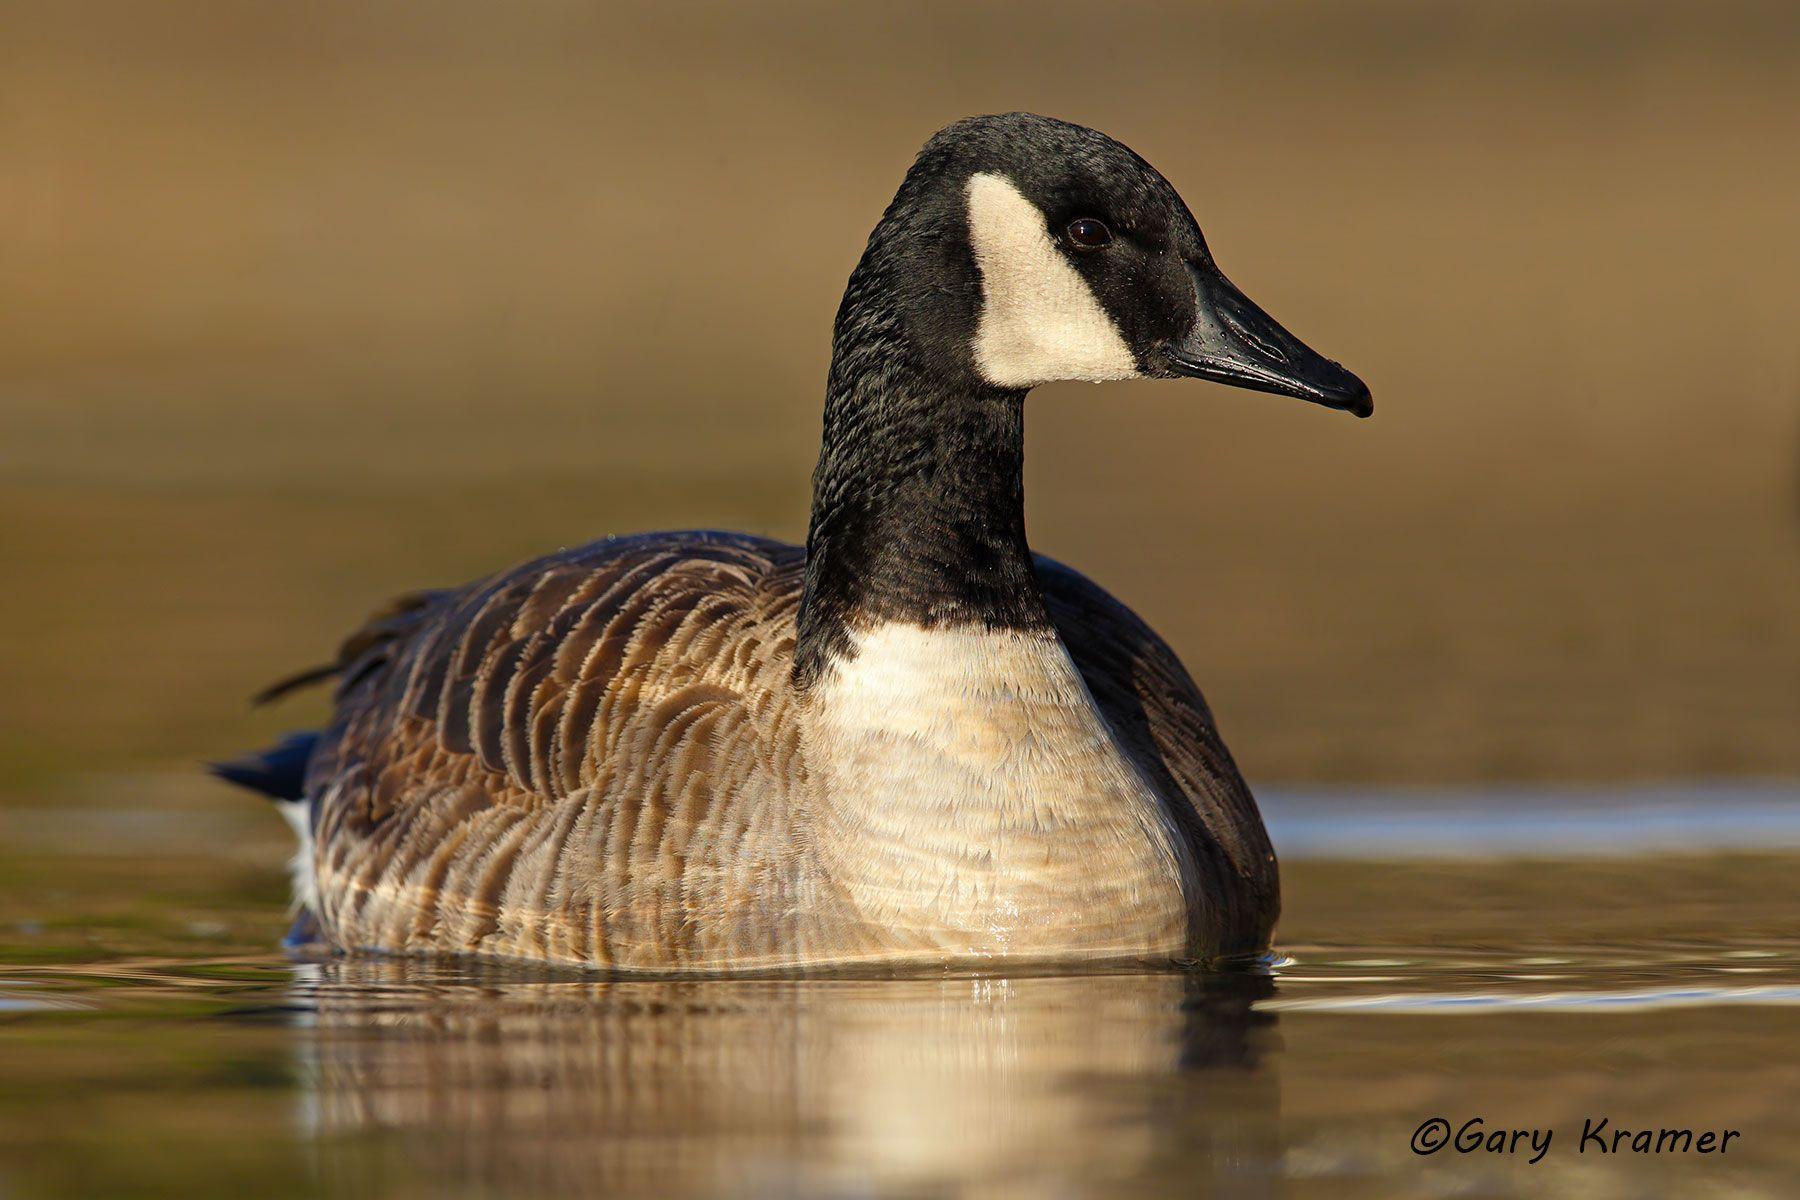 Canada Goose (Branta canadensis) - NBWCg#901d